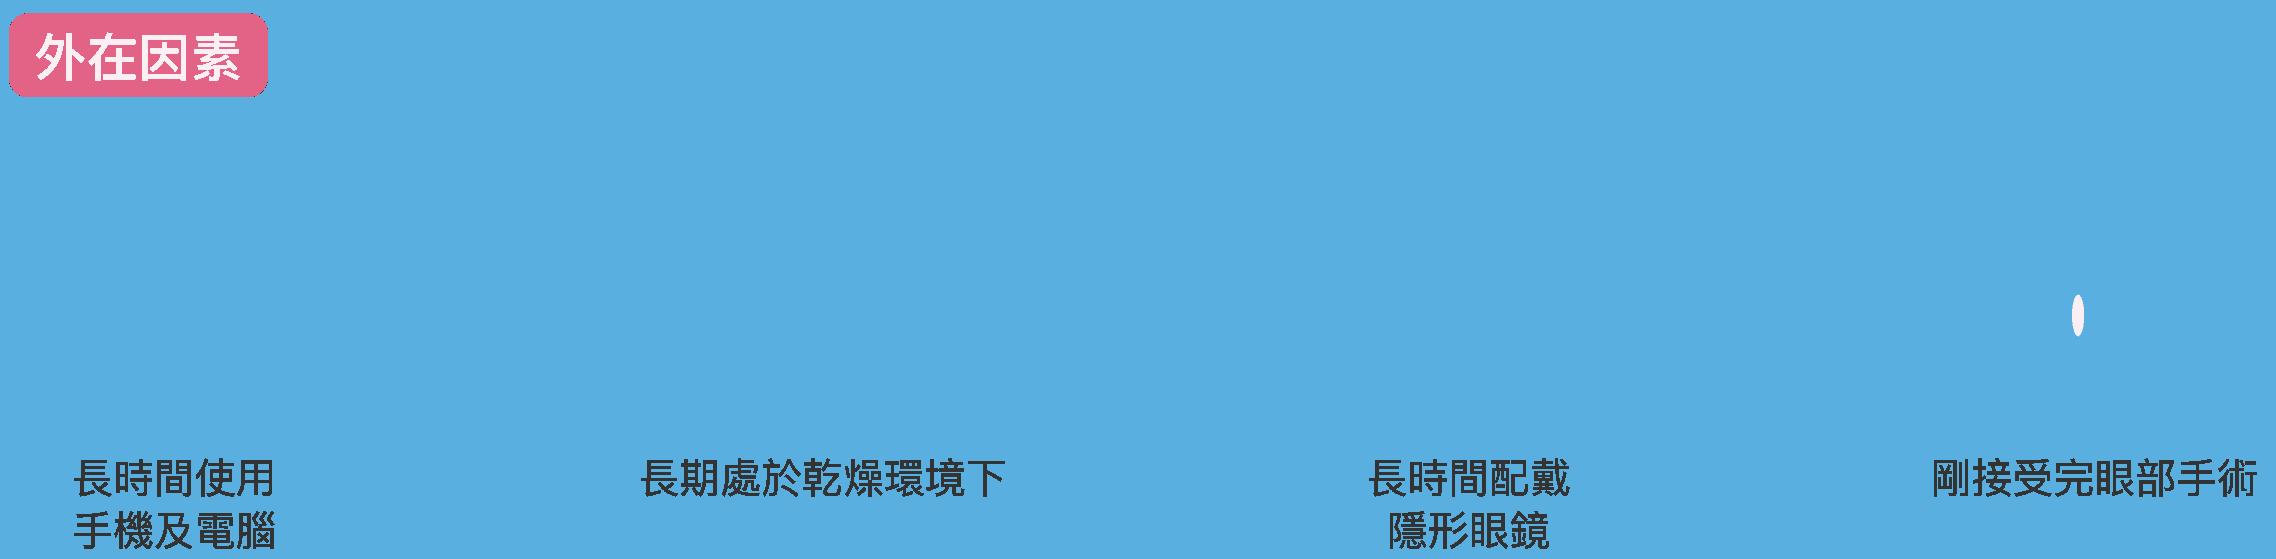 services_P6-03